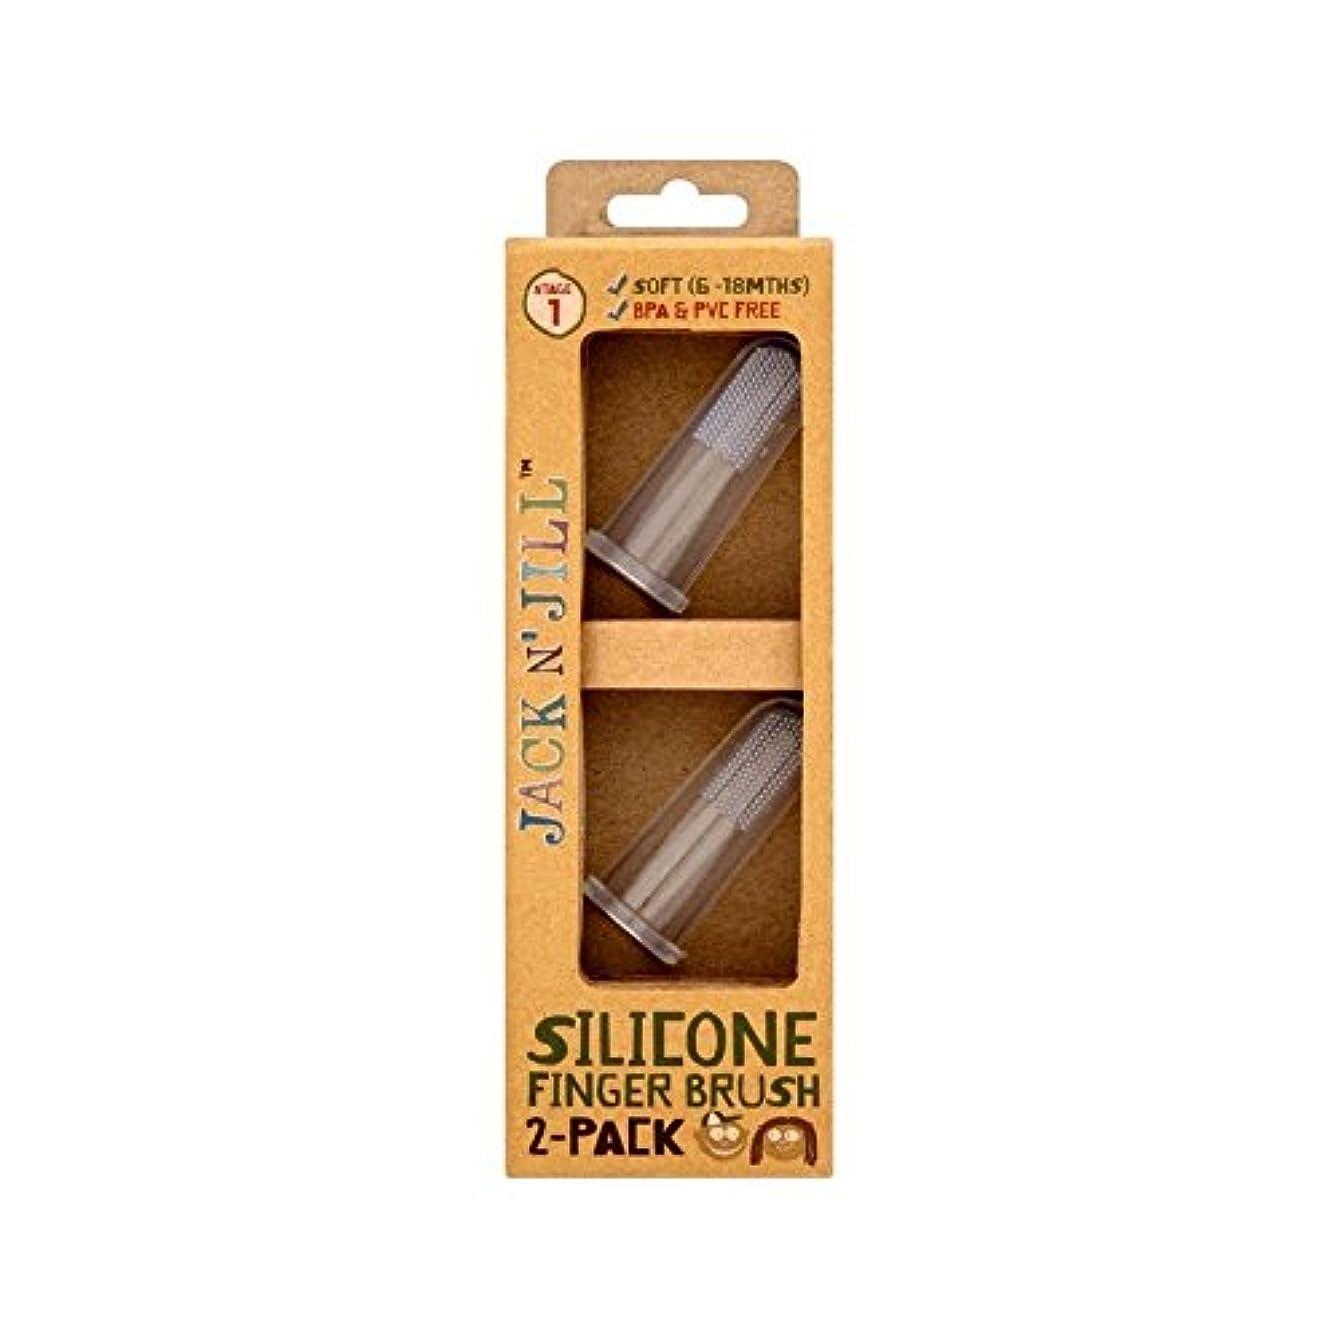 アーサーコナンドイルロバうめき声シリコーン指ブラシ2パックあたりパック2 (Jack N Jill) - Jack N' Jill Silicone Finger Brush 2 Pack 2 per pack [並行輸入品]